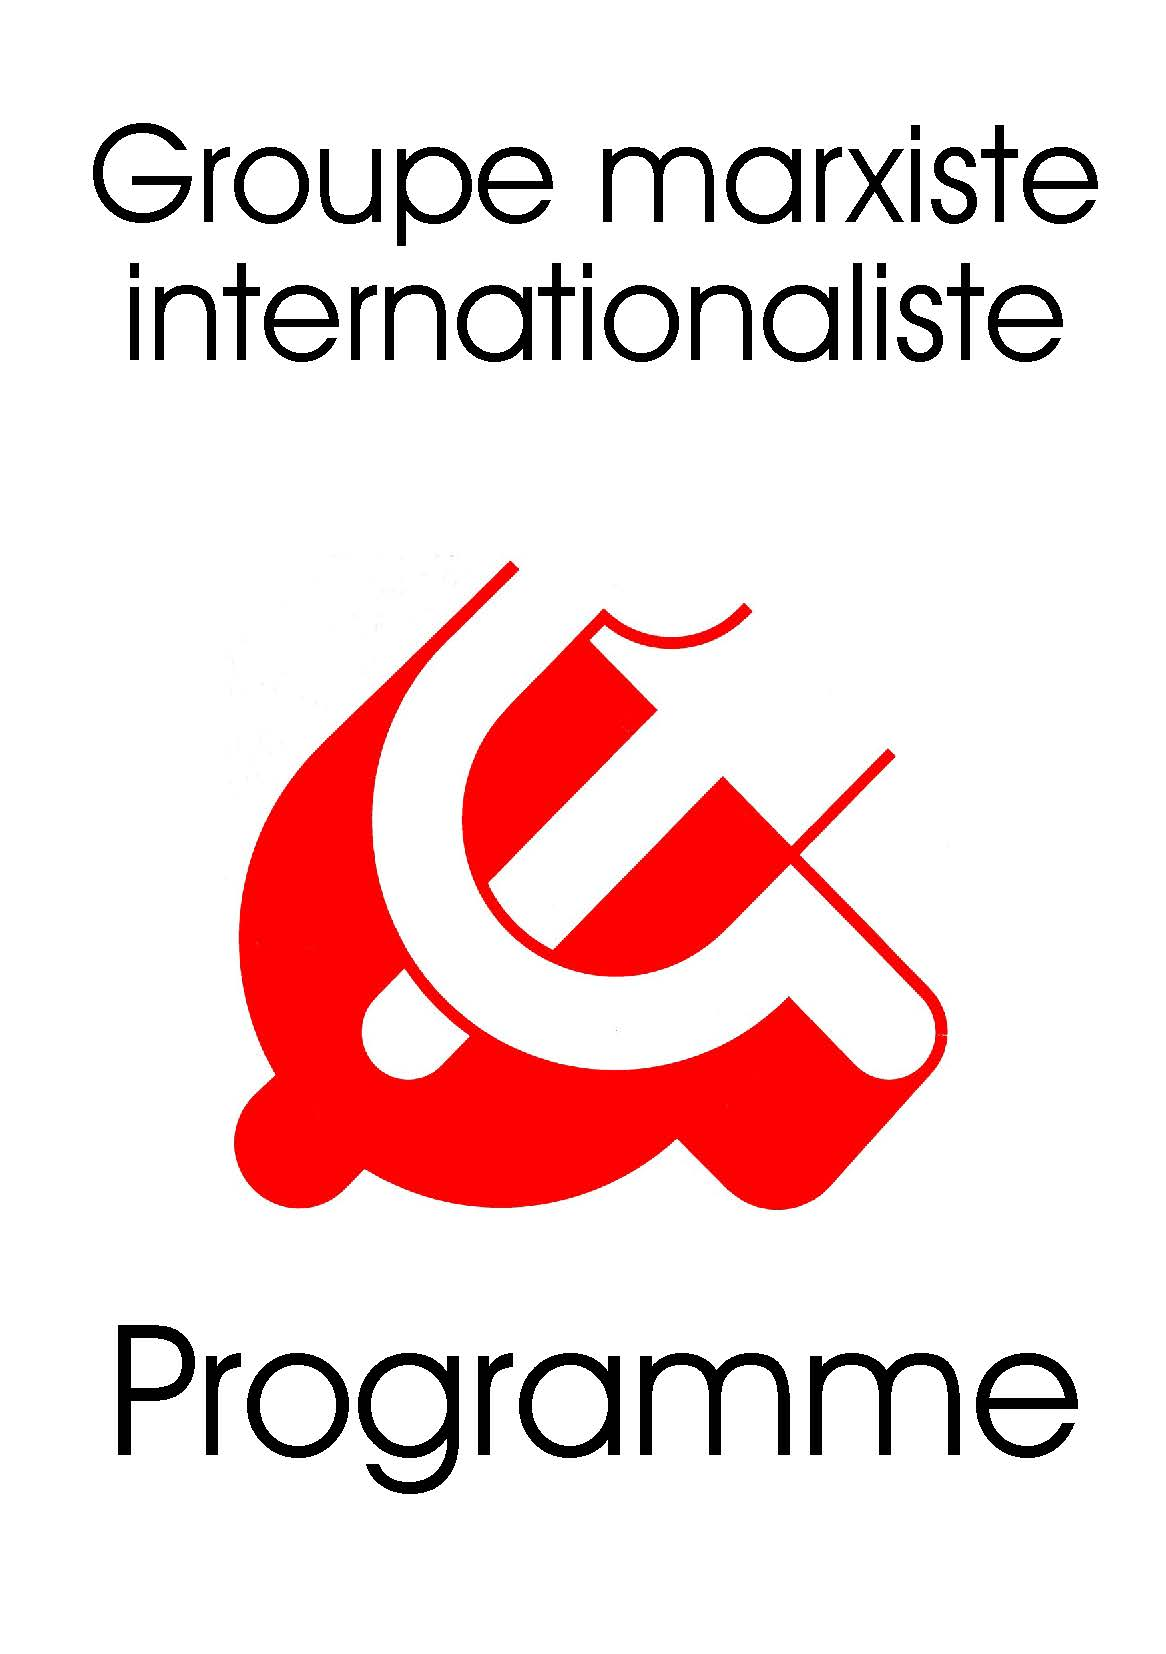 Pour le gouvernement ouvrier pour les États-Unis socialistes d'Europe